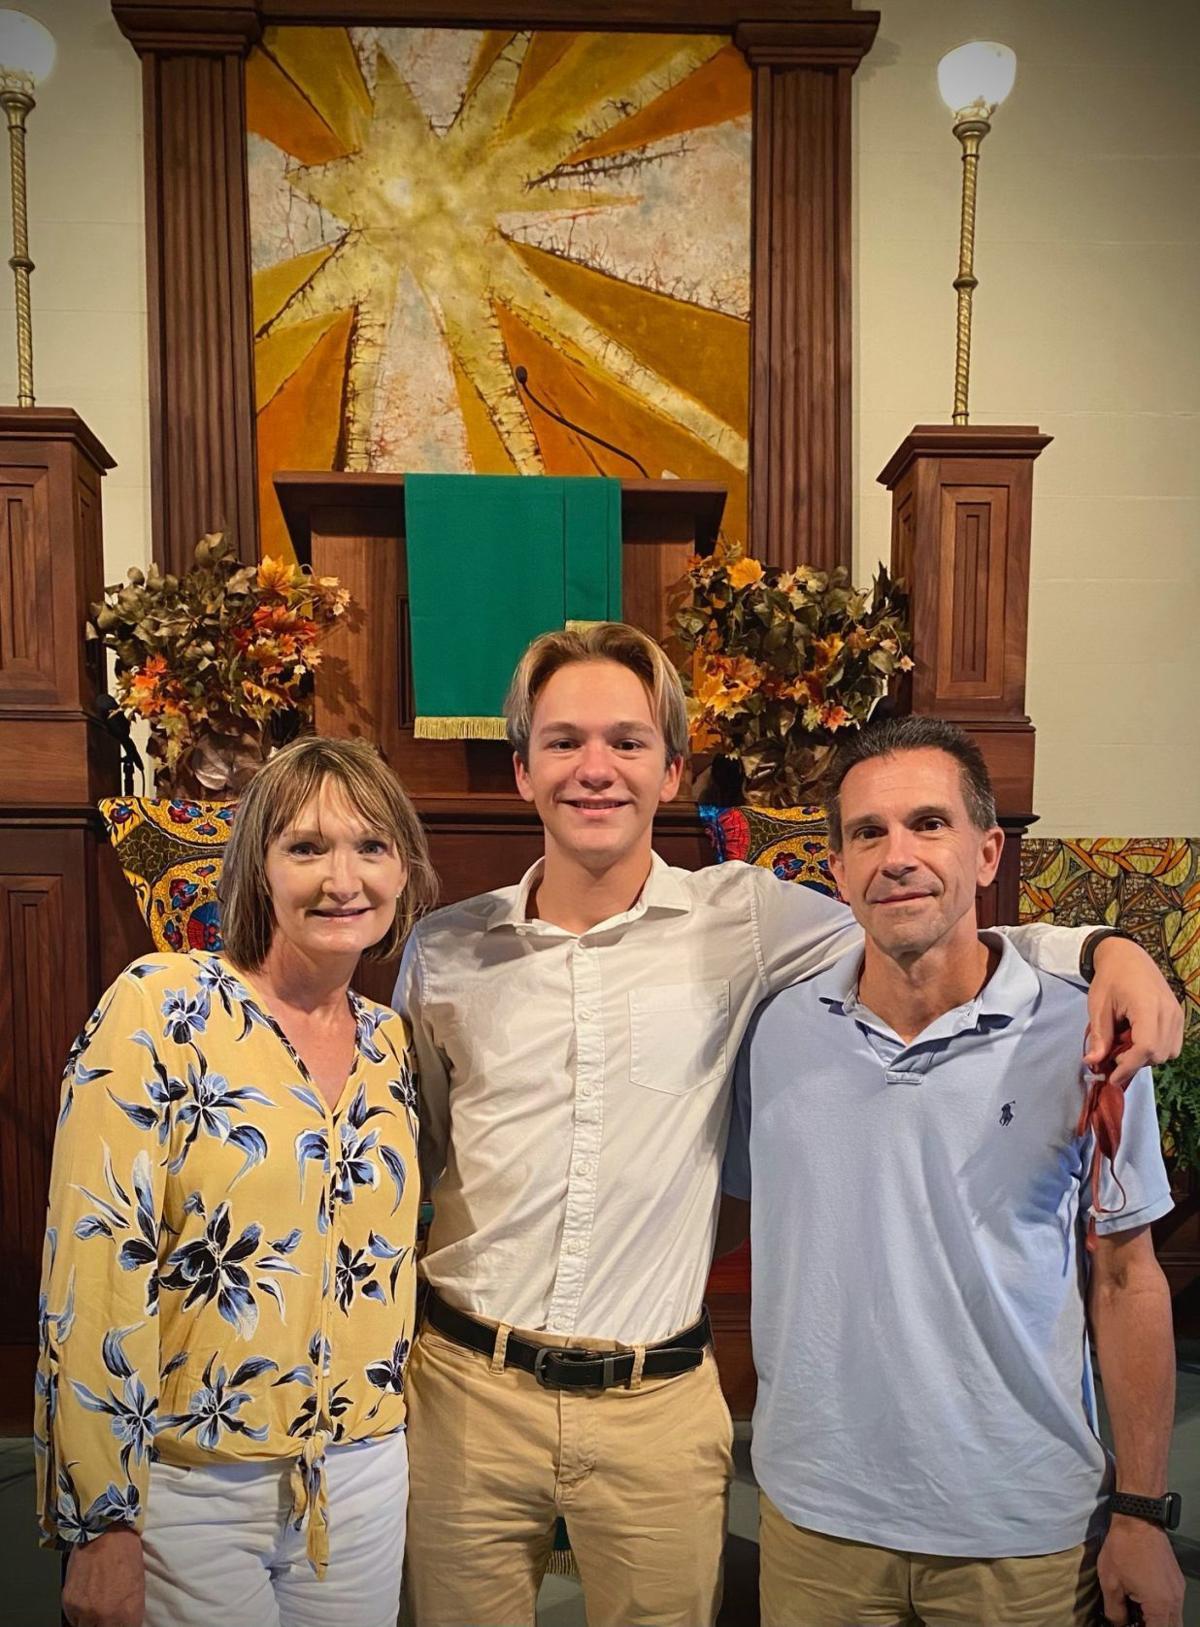 Yannone family